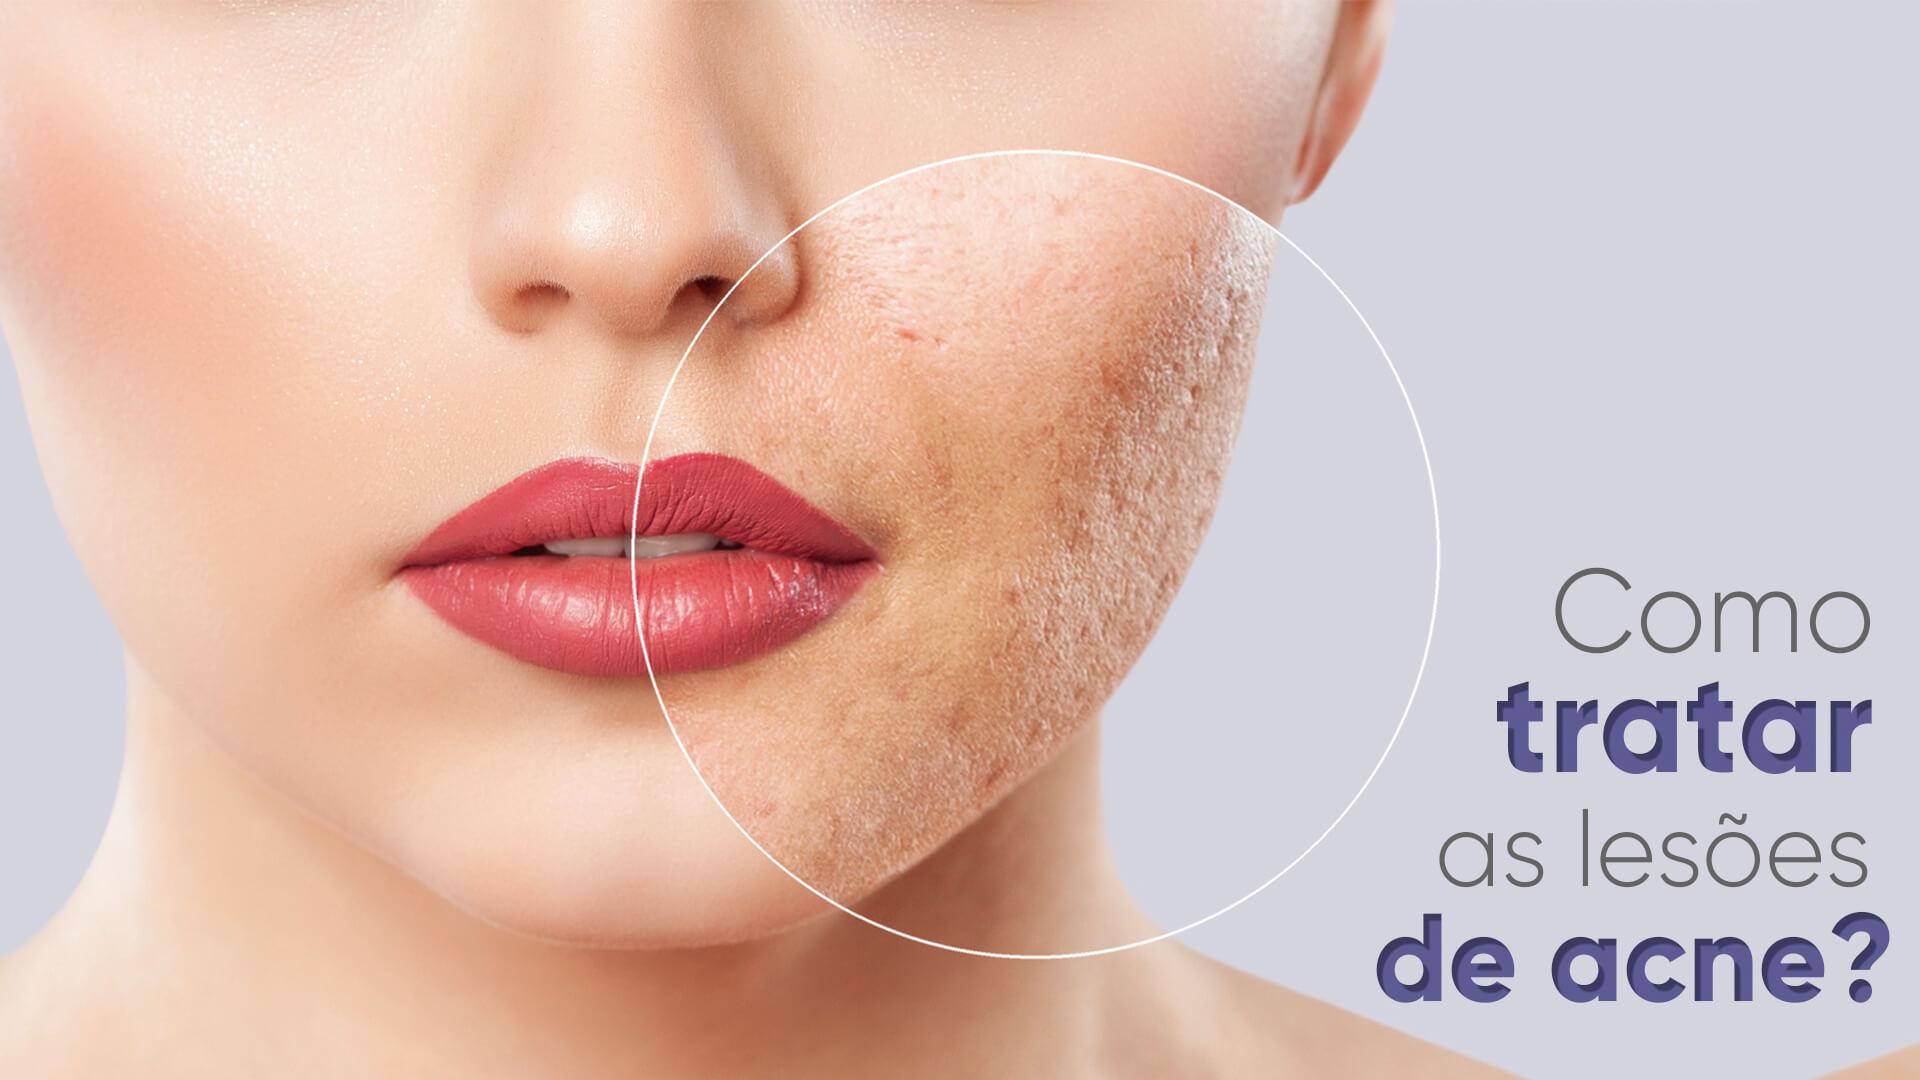 Cicatriz de acne: Quais tratamentos podem amenizar?